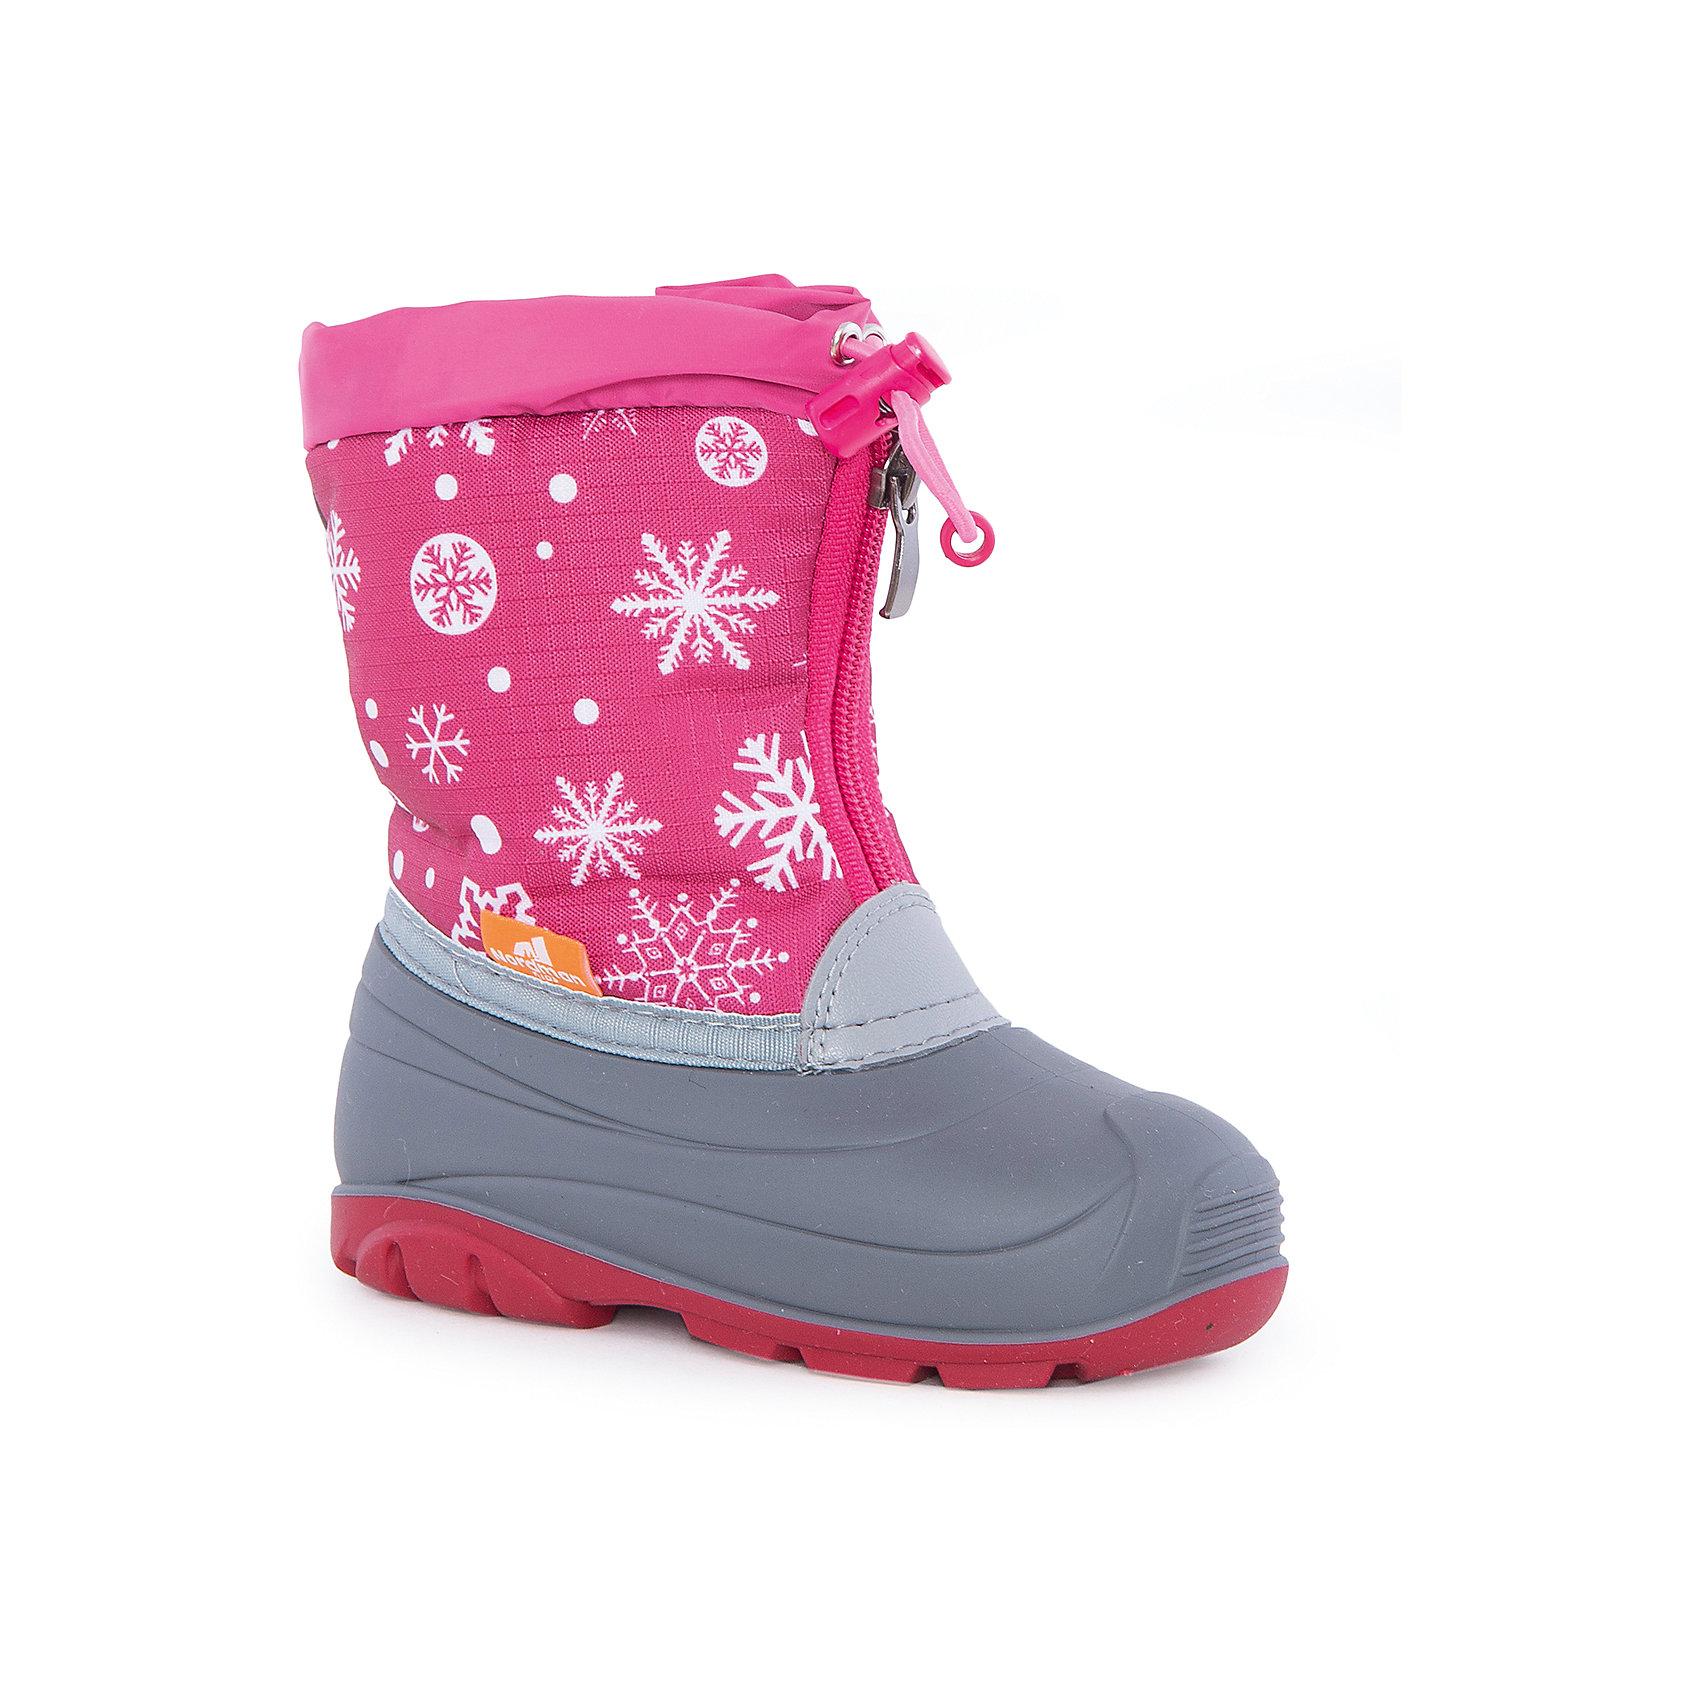 Сапоги для девочки NordmanХарактеристики товара:<br><br>• цвет: розовый<br>• материал верха: текстиль (Rip Stop)<br>• материал подкладки: мех,<br>• материал подошвы: ТЭП<br>• подошва не скользит<br>• водоотталкивающая пропитка верха<br>• температурный режим: от -15° до +10° С<br>• молния<br>• толстая устойчивая подошва<br>• низ не промокает<br>• страна бренда: Российская Федерация<br>• страна изготовитель: Российская Федерация<br><br>При выборе демисезонной и зимней обуви для ребенка необходимо убедиться, что она удобная и теплая. Такие сапожки обеспечат детям комфорт даже в мороз, а непромокающая нижняя часть  оставит ножки в сухости. Сапожки легко снимаются и надеваются, хорошо сидят на ноге. Внутри - специальная теплая подкладка, с которой холода не страшны! Сапоги очень легкие - идеально для детской ножки.<br>Обувь от бренда Nordman - это качественные российские товары, произведенные с применением как натуральных, так и высокотехнологичных материалов. Обувь выделяется стильным дизайном и проработанными деталями. Полностью адаптирована под российскую погоду! Изделие производится из качественных и проверенных материалов, которые безопасны для детей.<br><br>Сапоги для девочки от бренда Nordman можно купить в нашем интернет-магазине.<br><br>Ширина мм: 257<br>Глубина мм: 180<br>Высота мм: 130<br>Вес г: 420<br>Цвет: розовый<br>Возраст от месяцев: 24<br>Возраст до месяцев: 24<br>Пол: Женский<br>Возраст: Детский<br>Размер: 25,31,26,27,28,29,30,22,23,24<br>SKU: 5219894